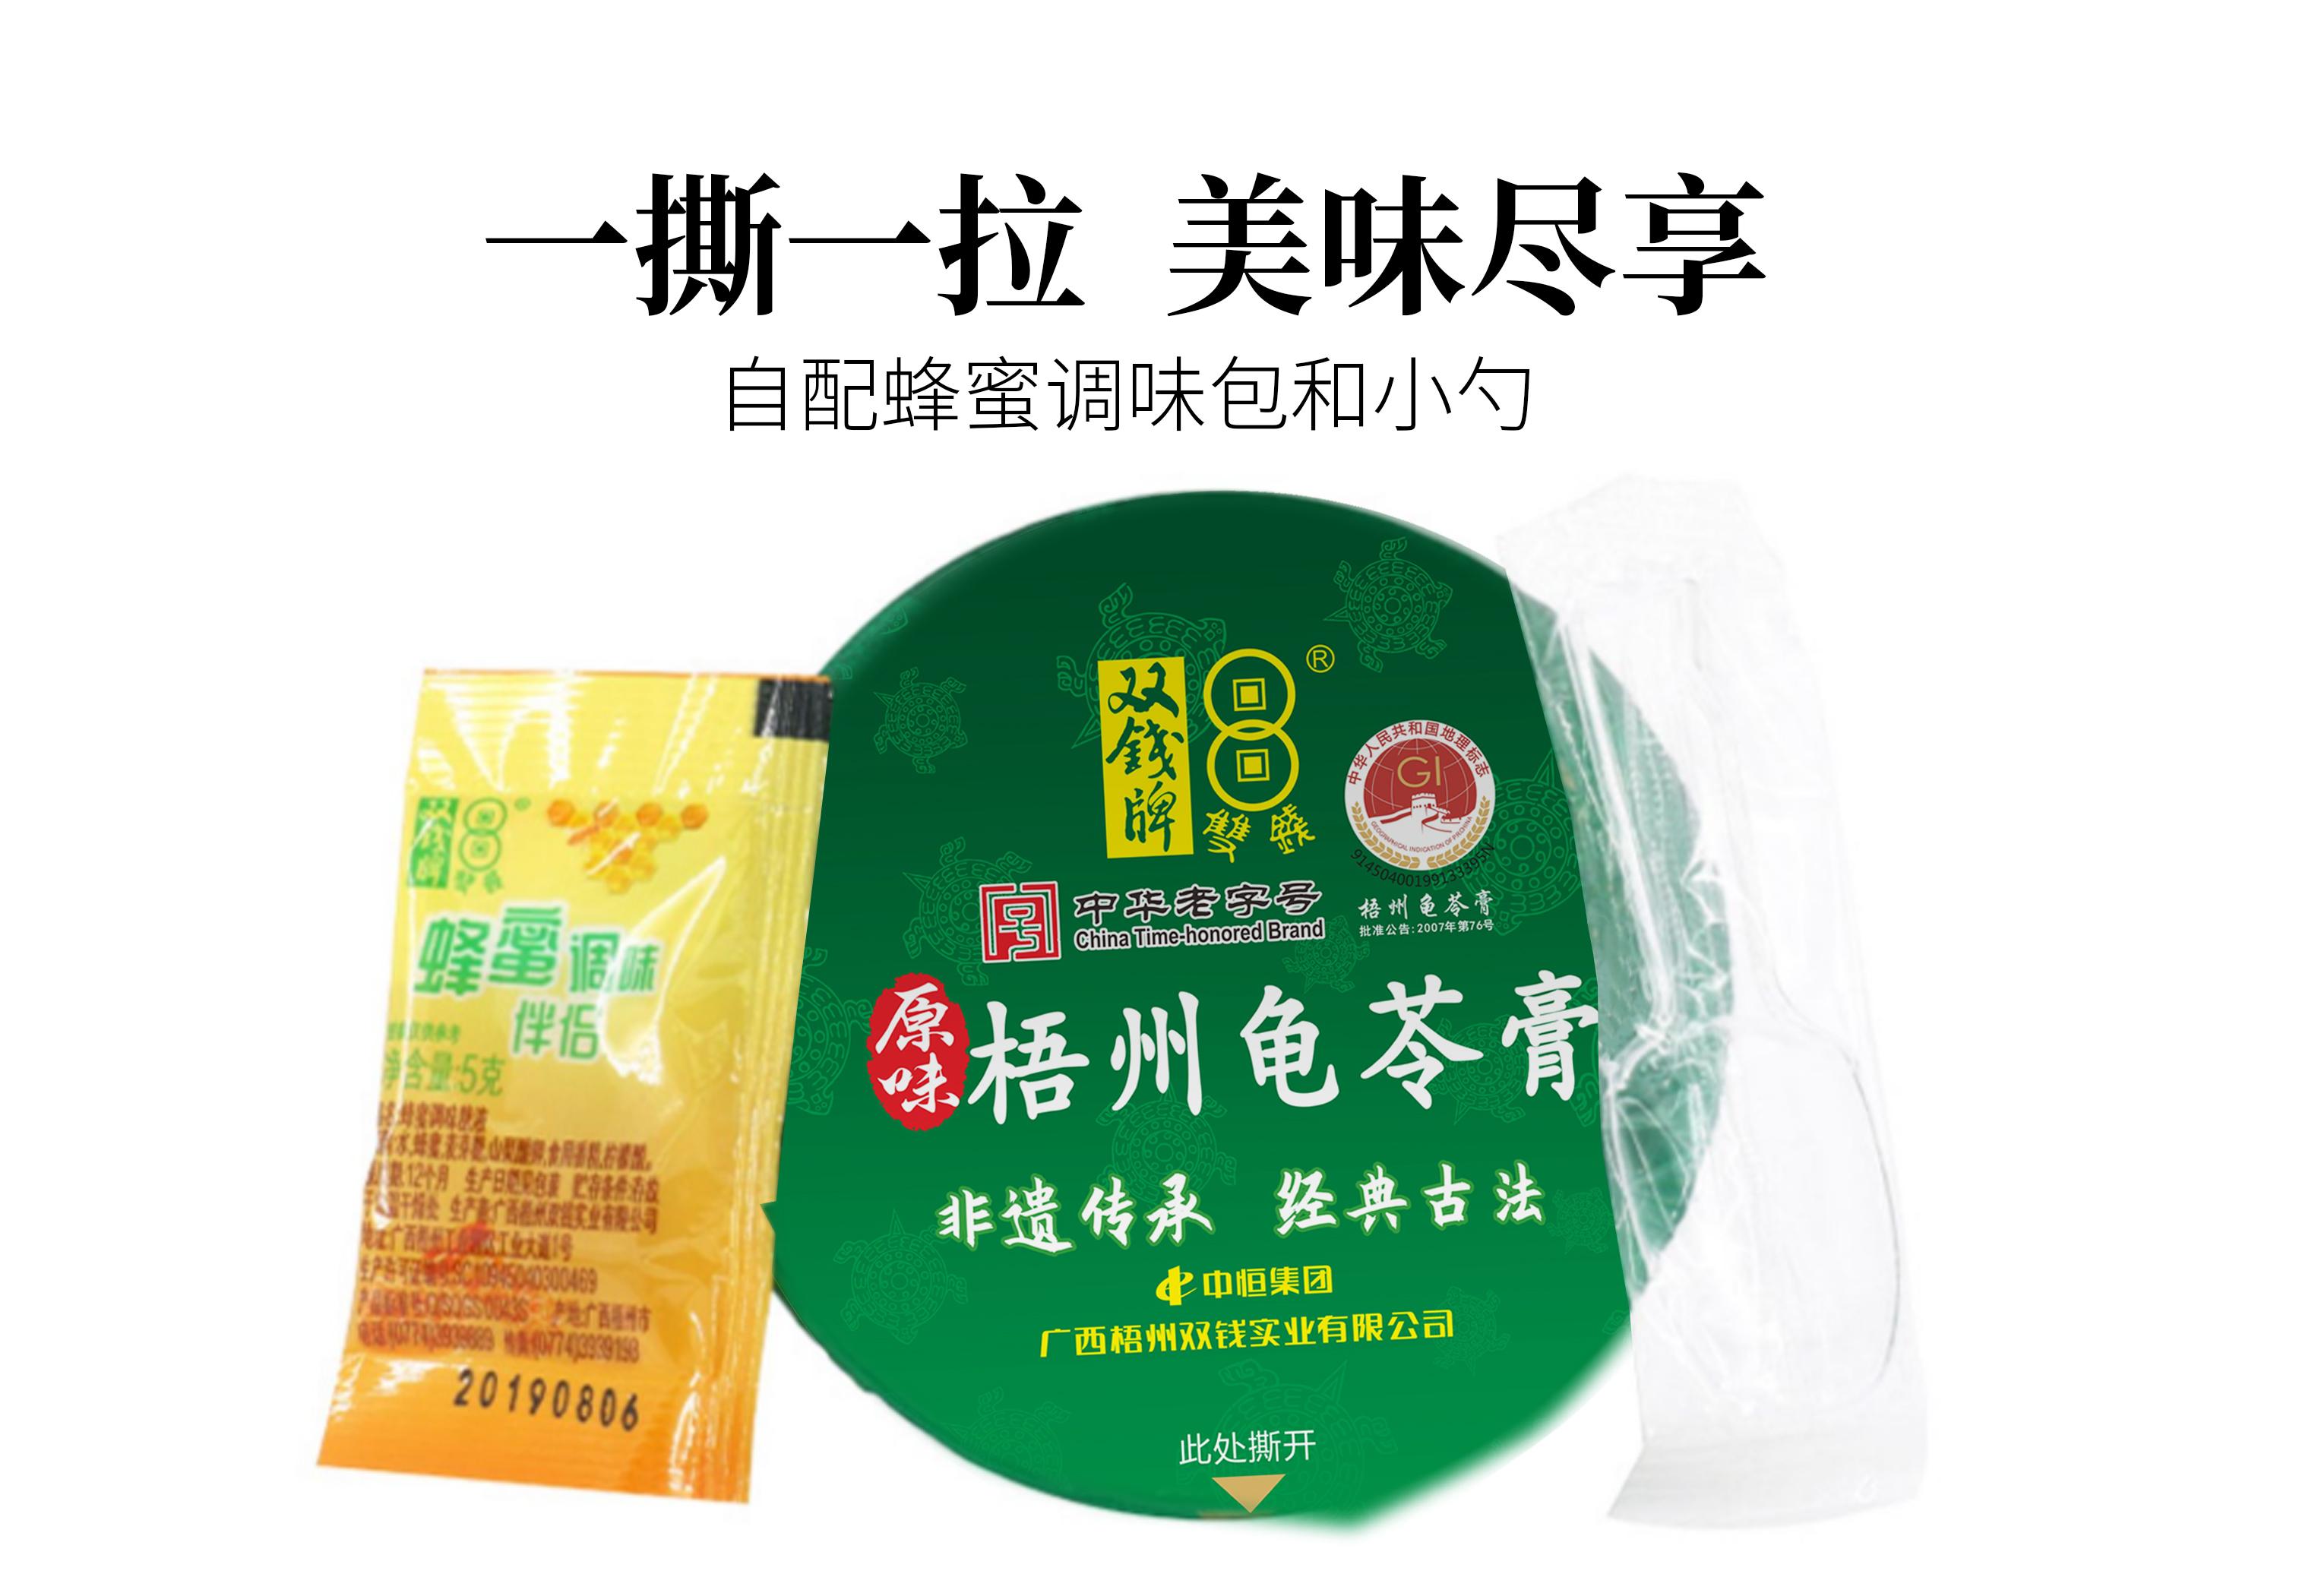 原味碗裝龜苓膏1